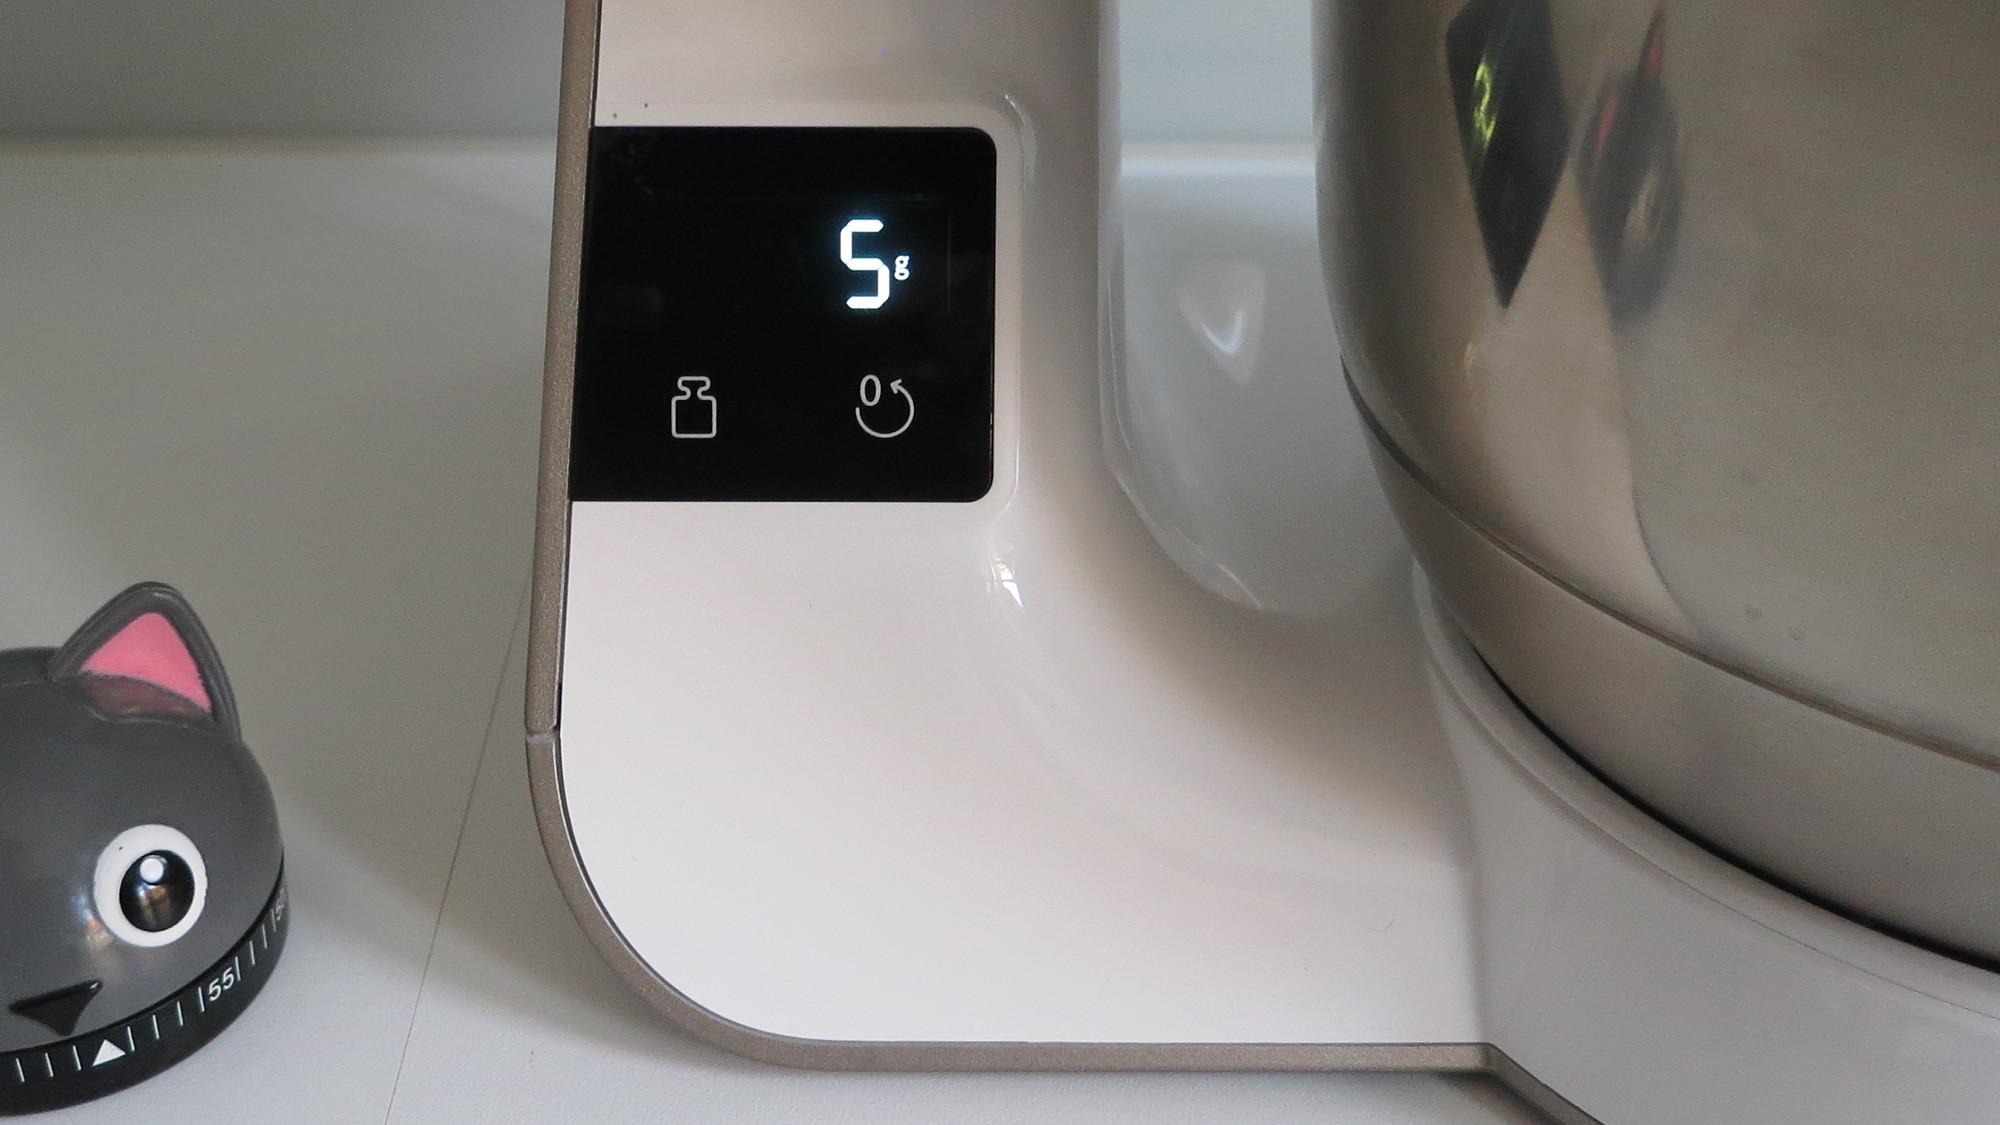 Küchenmaschine Bosch MUM5 scale mit Anzeige des Gewichts